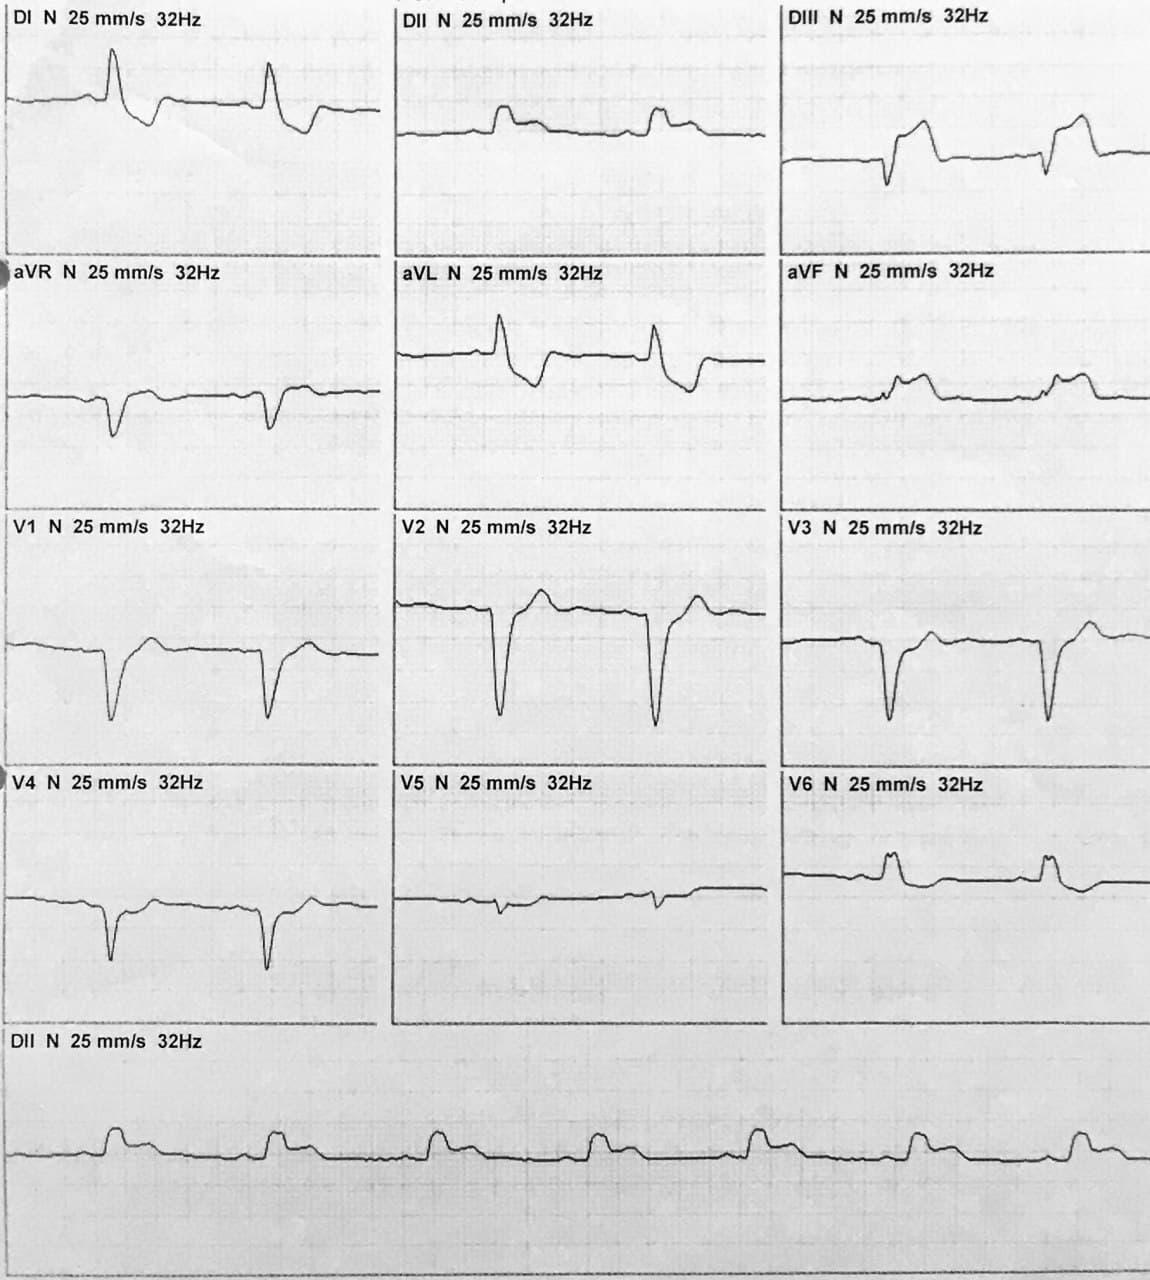 Paciente de 55 años con antecedentes de enfermedad coronaria difusa rechazado de cirugía que presenta episodio de ángor prolongado y disnea sometido a trombolisis con signos de reperfusión de CD